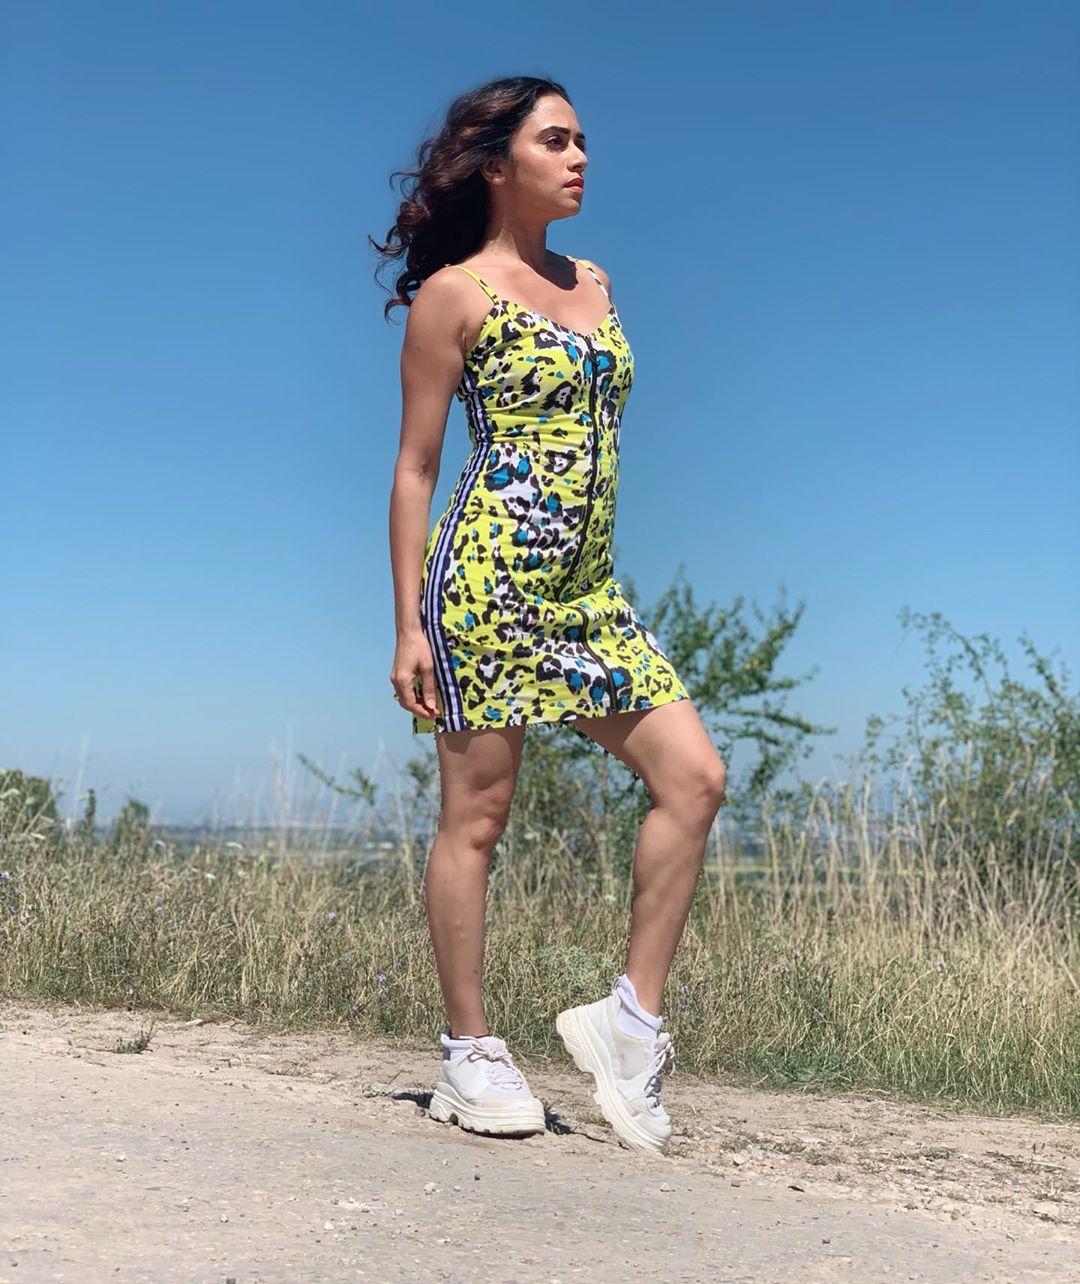 सध्या अमृता खतरों के खिलाडीच्या शूटिंगसाठी बल्गेरियामध्ये आहे. तिथले काही फोटो तिनं तिच्या इन्स्टाग्रामवर शेअर केले आहेत.